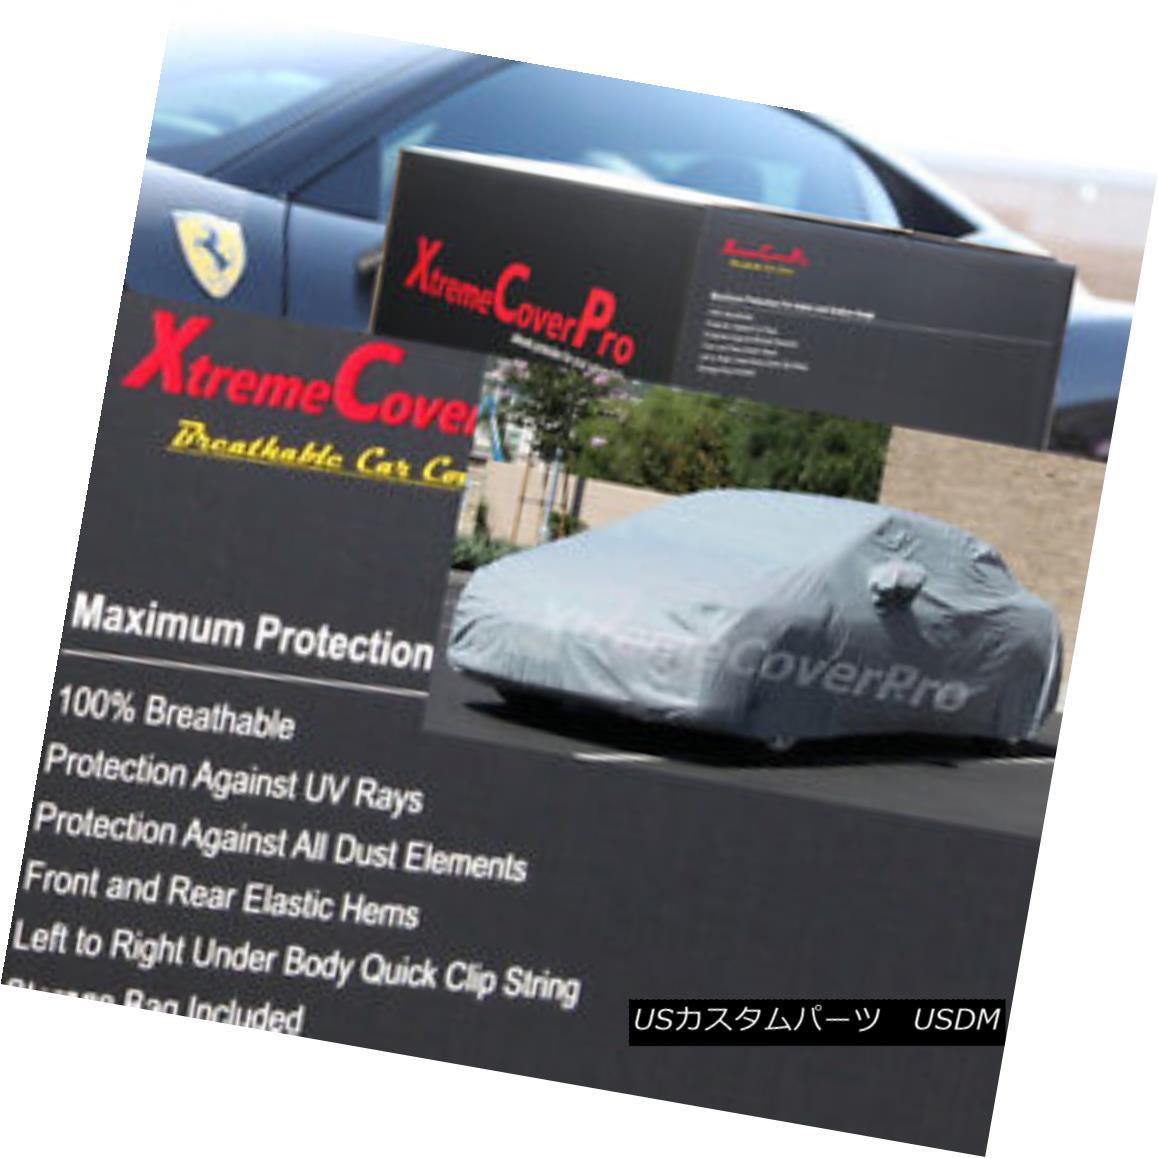 カーカバー 1992 1993 1994 1995 1996 Toyota Camry Breathable Car Cover w/MirrorPocket 1992年1993年1994年1995年1996年トヨタカムリ通気性車カバー付きMirrorPocket